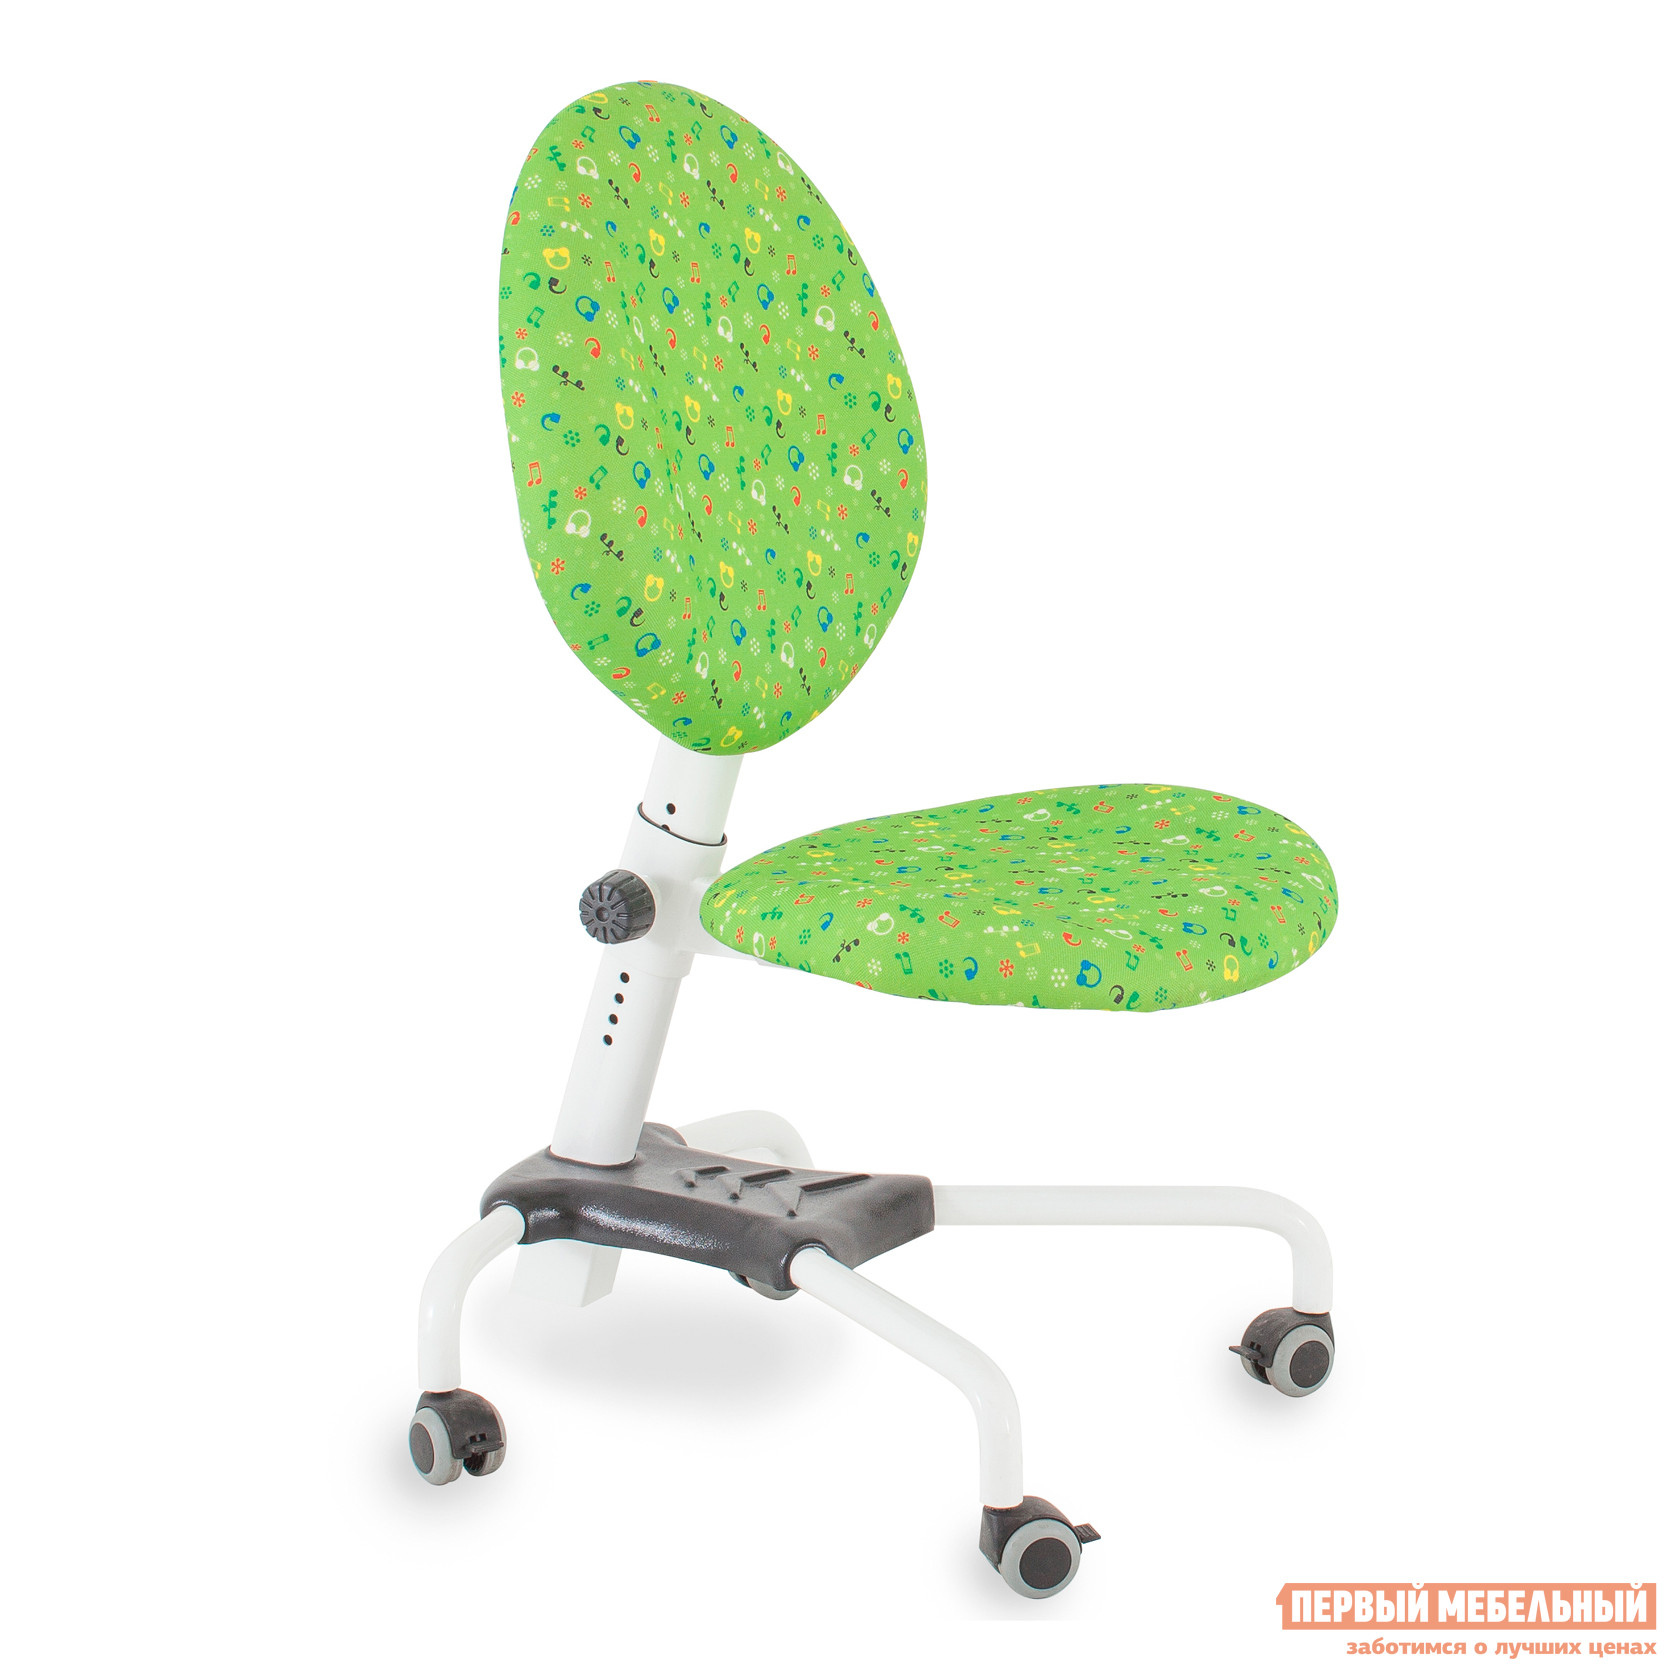 Детское компьютерное кресло Партаторг Детское растущее кресло Pondi